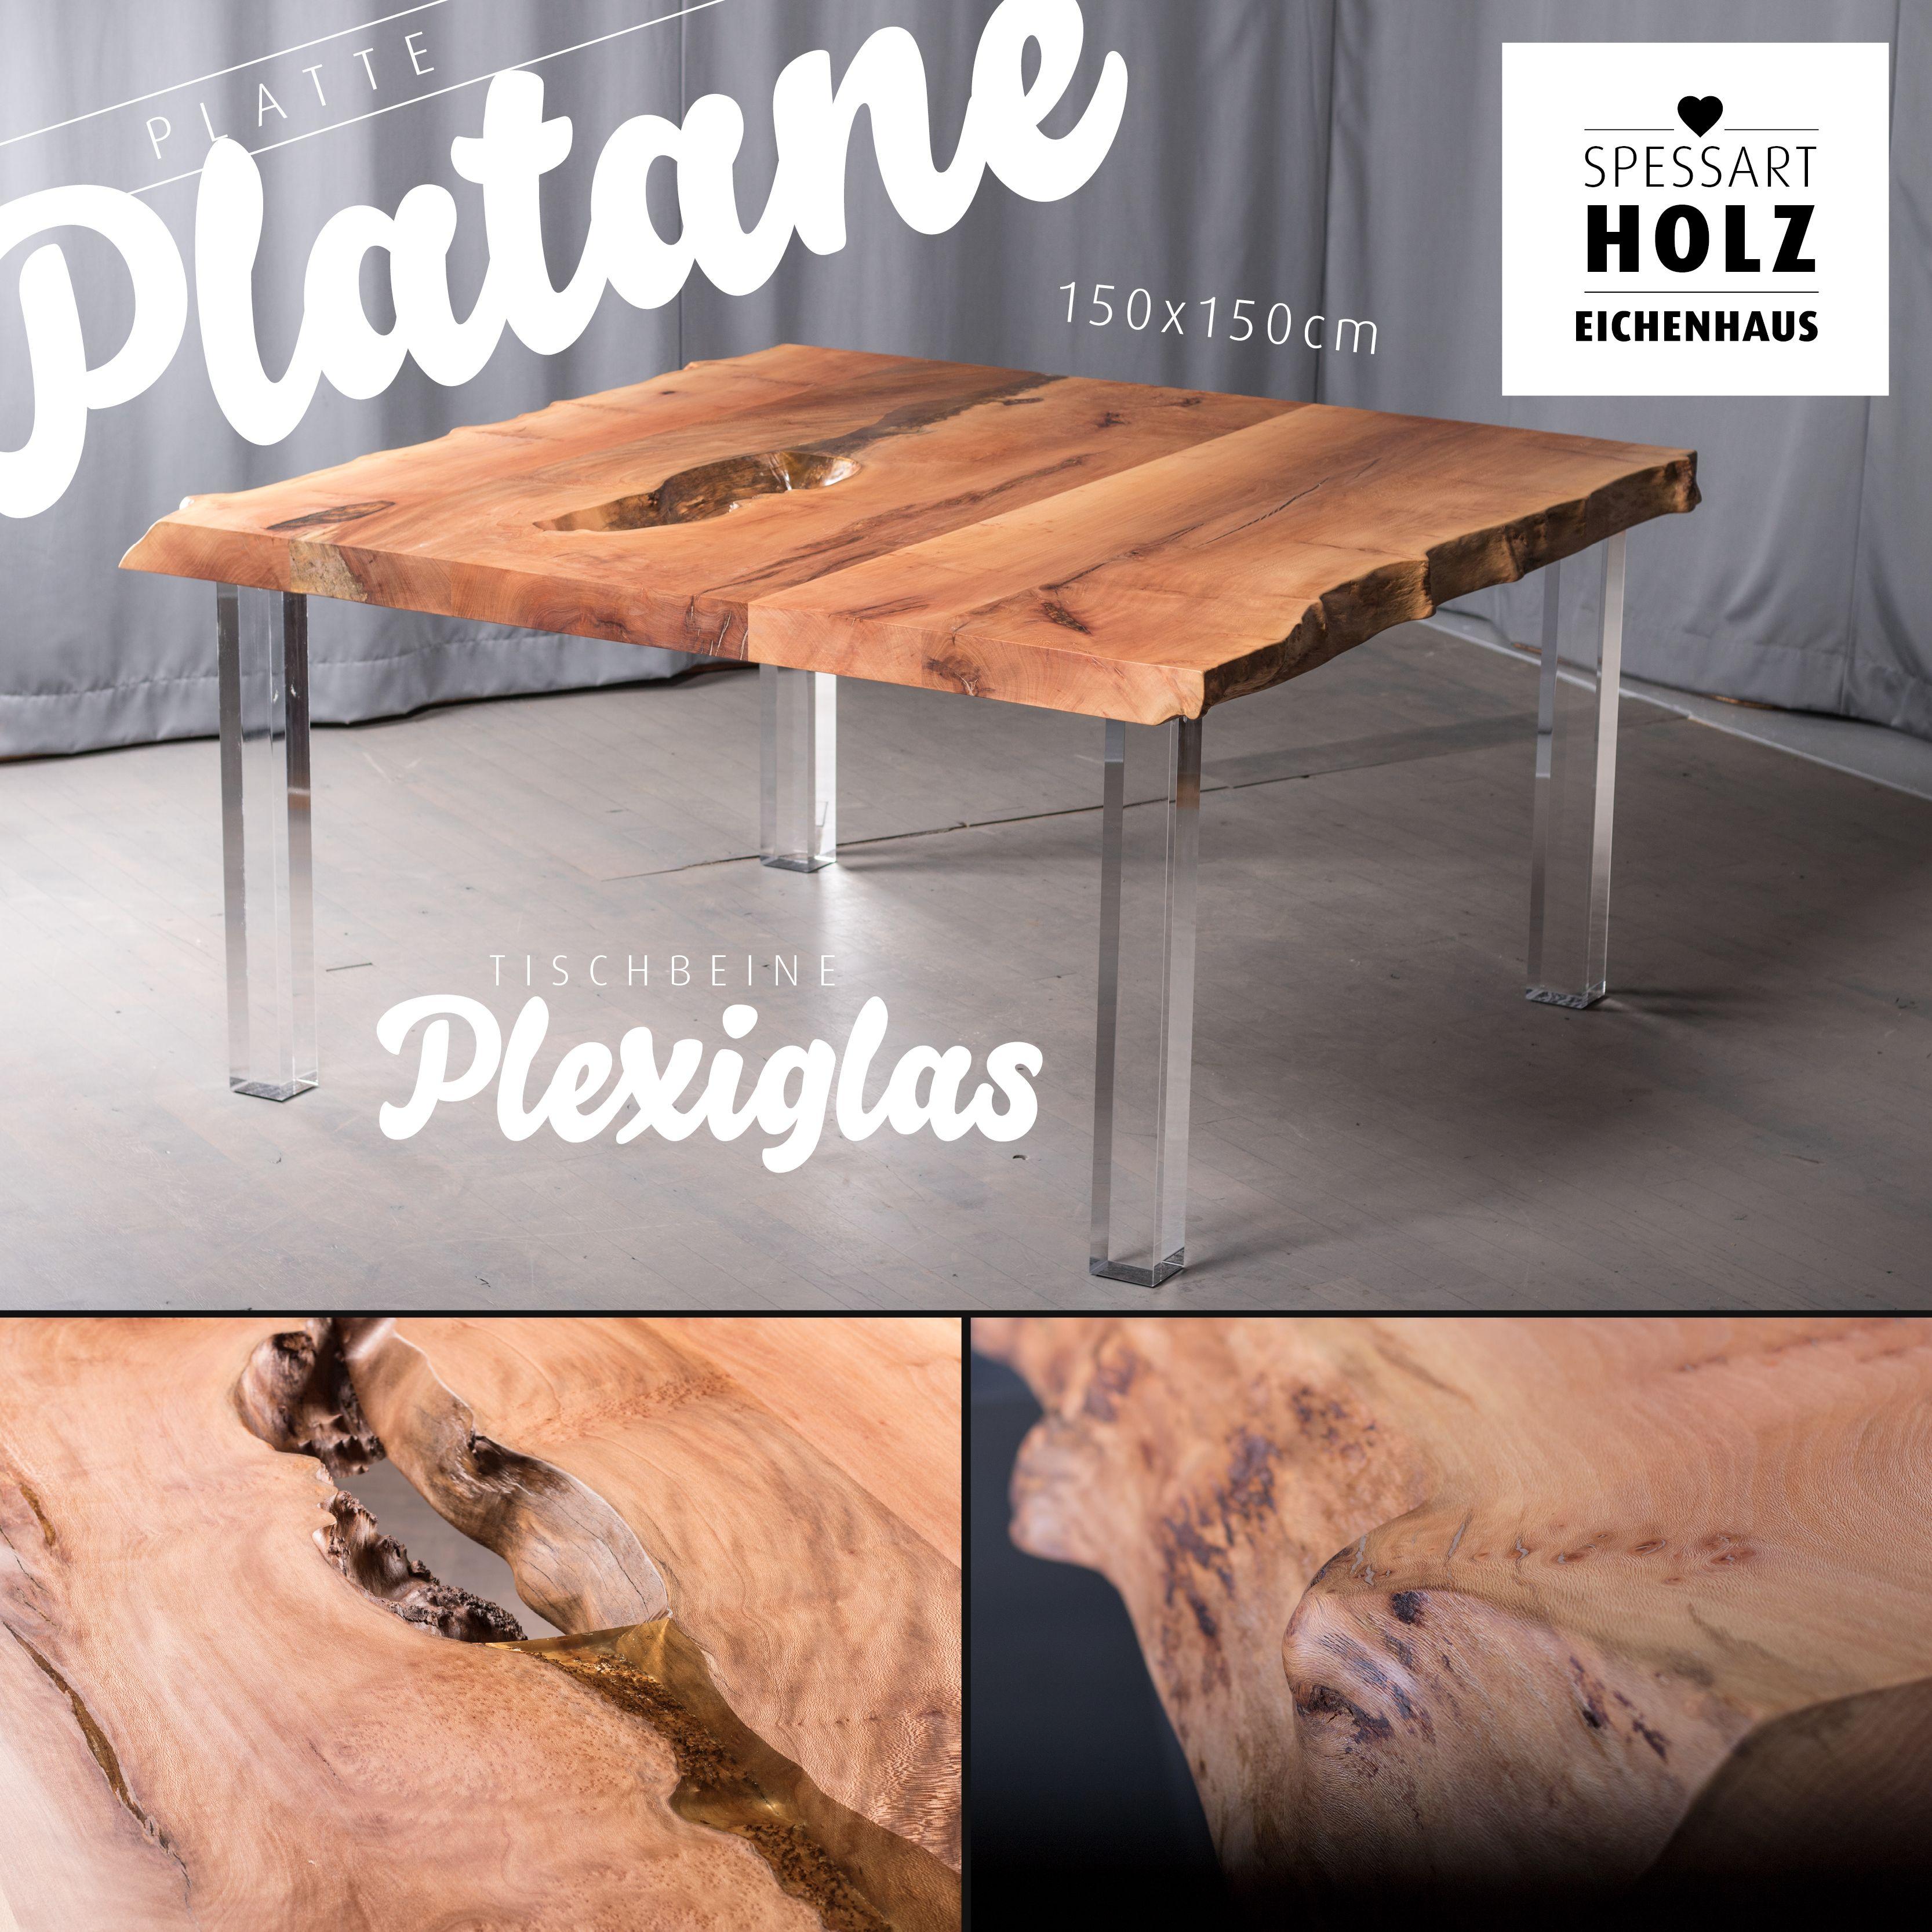 Pin von EICHENHAUS AG auf Tisch & Stuhl   Tisch, Couchtisch